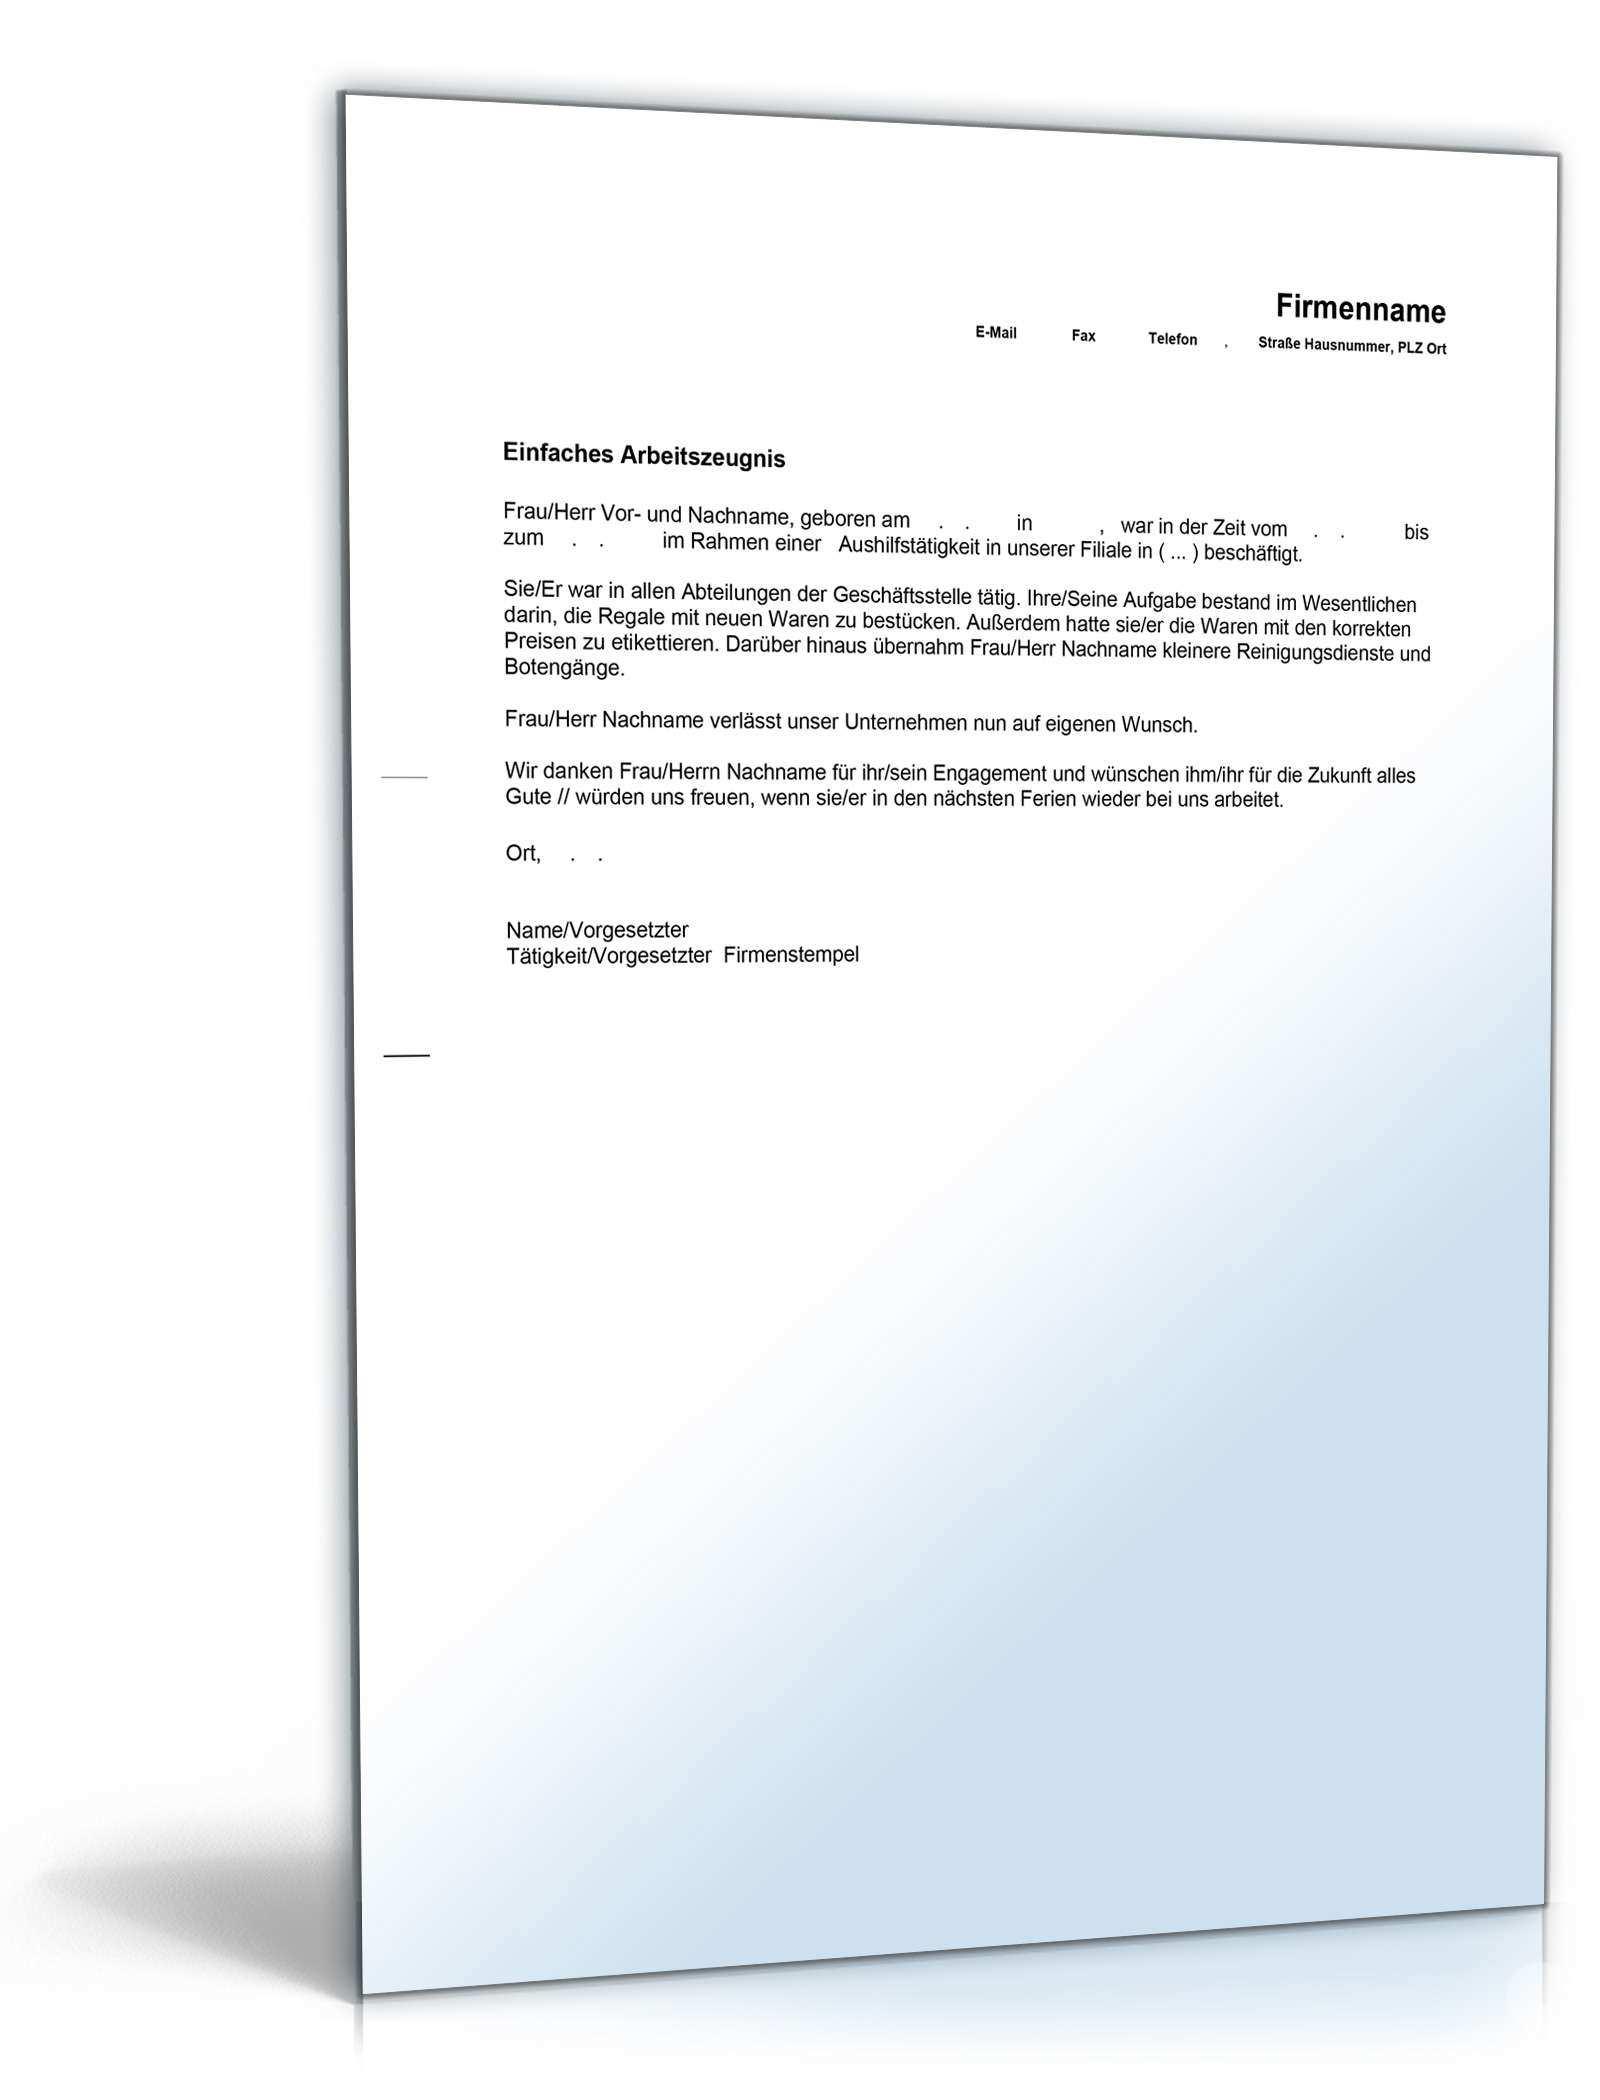 Einfaches Arbeitszeugnis Aushilfskrafte Muster Zum Download